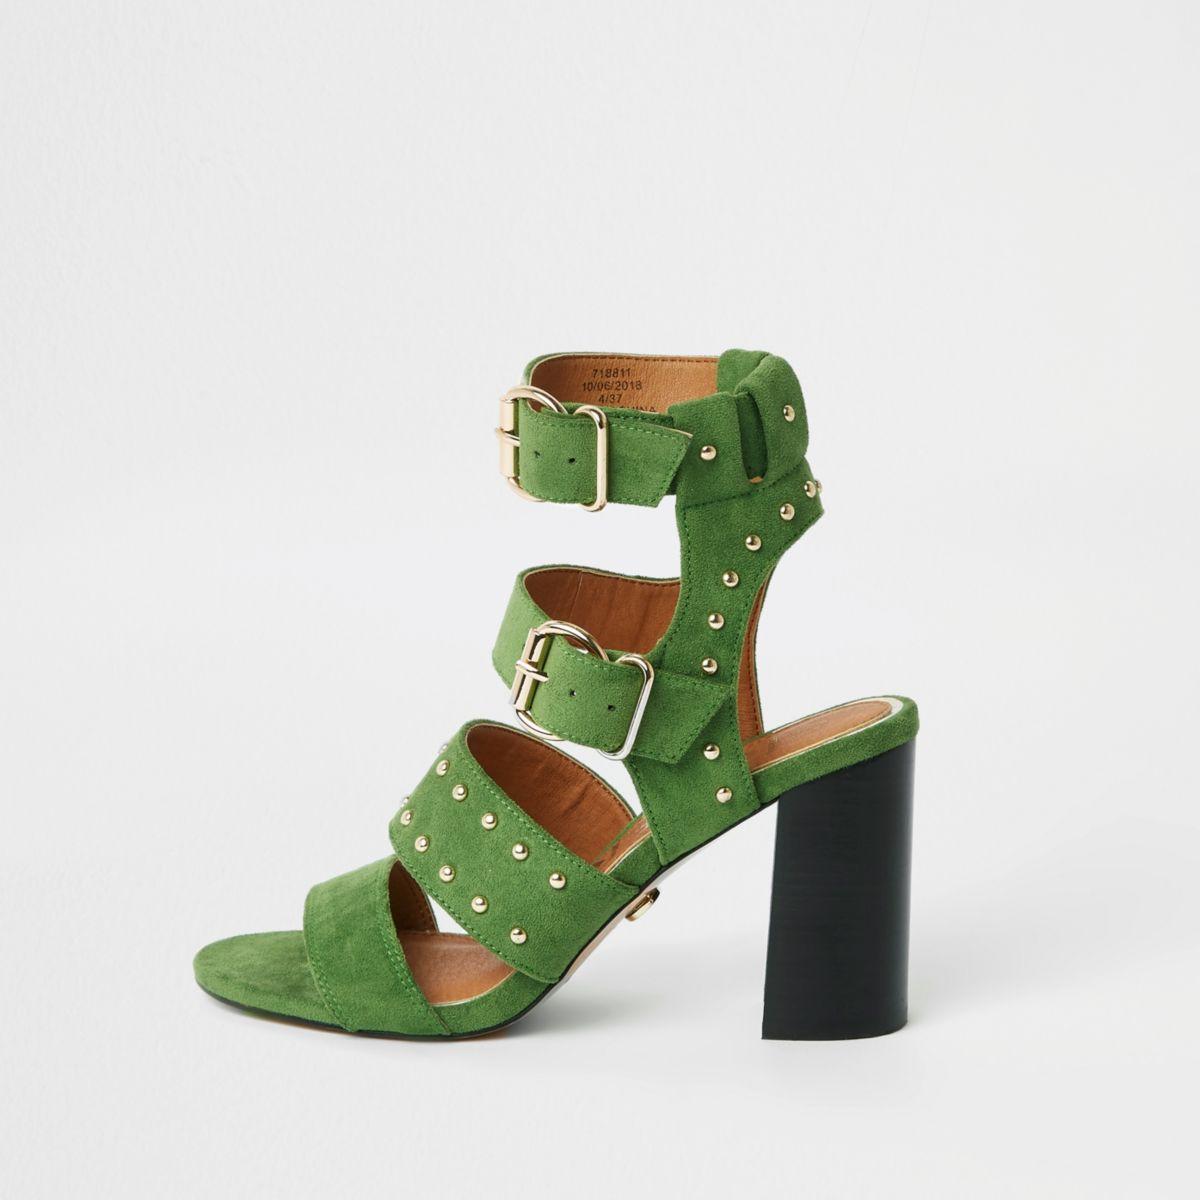 Green suede studded block heel sandals